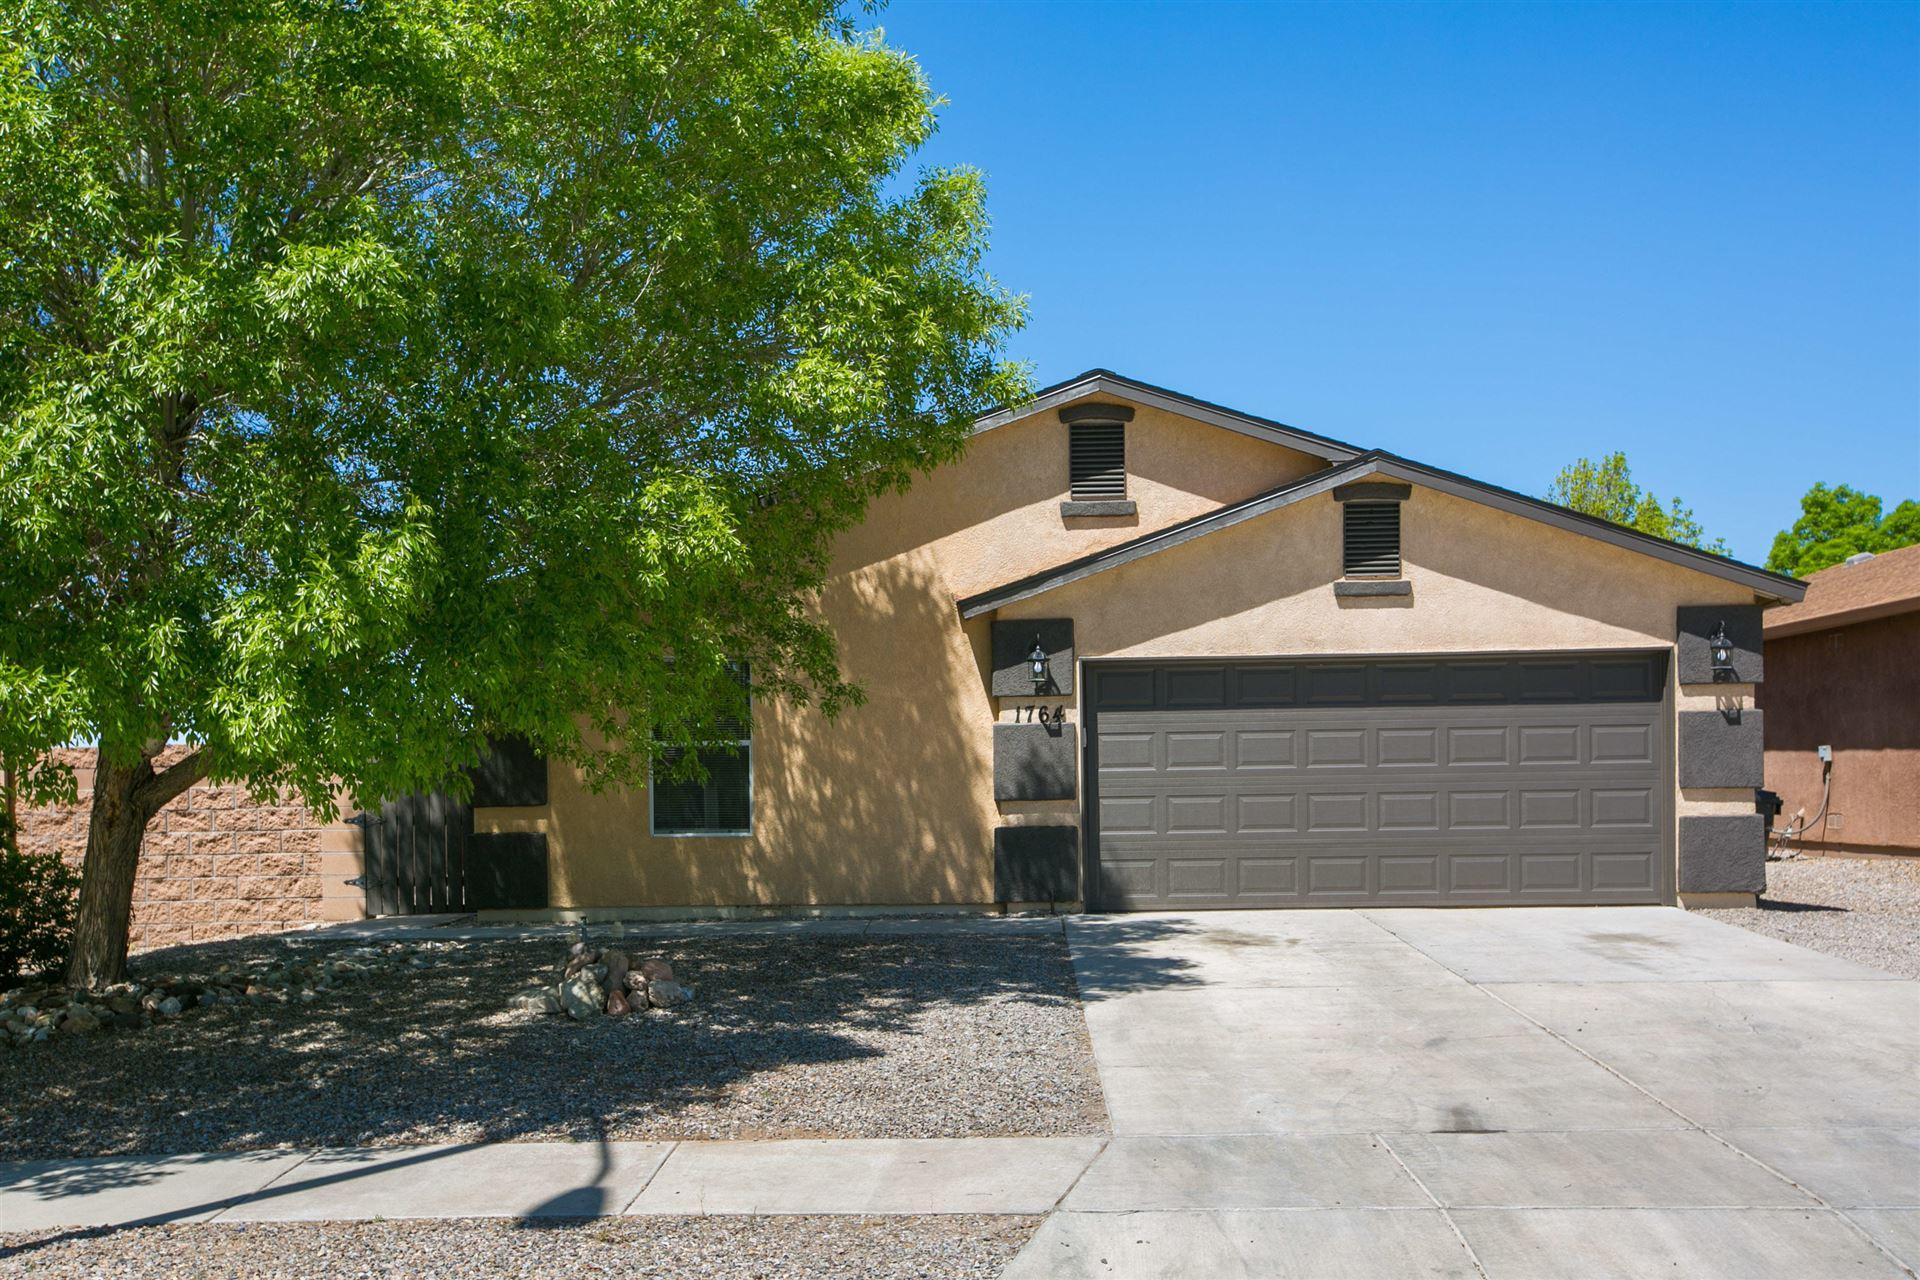 Photo of 1764 MESA GRANDE Loop NE, Rio Rancho, NM 87144 (MLS # 991465)